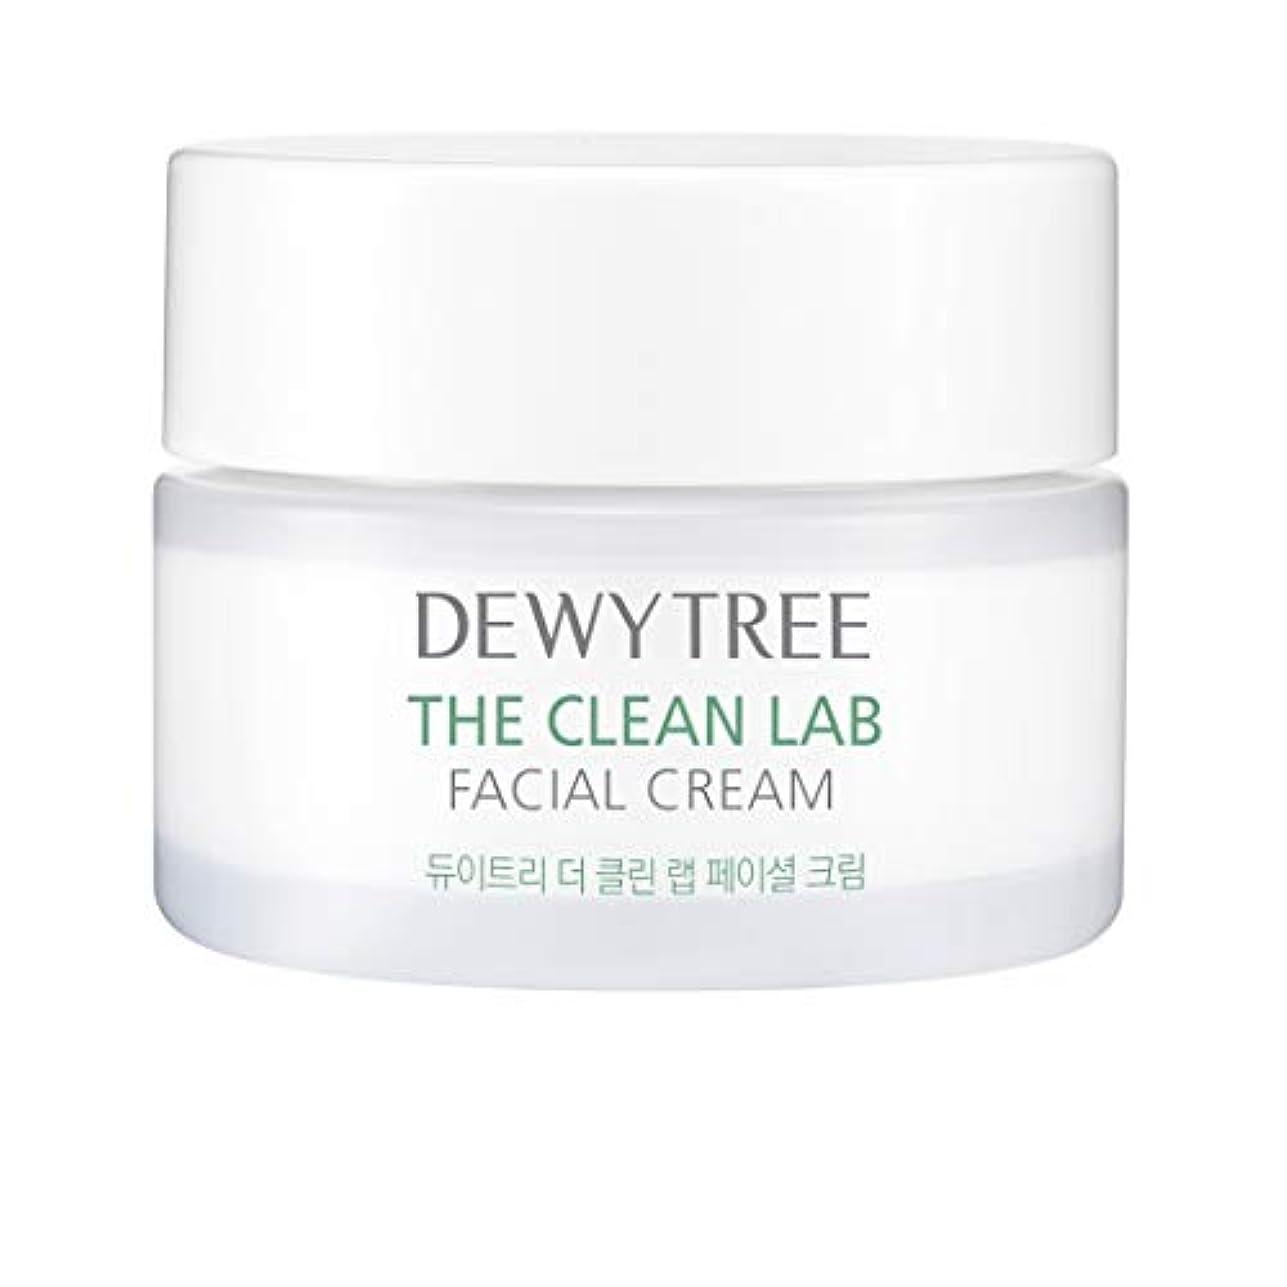 テメリティ普及アライアンス【デューイツリー.dewytree]よりクリーンラップフェイシャルクリーム(75ml)/ the clean lab facial cream + free(laneige. water sleeping mask15ml)